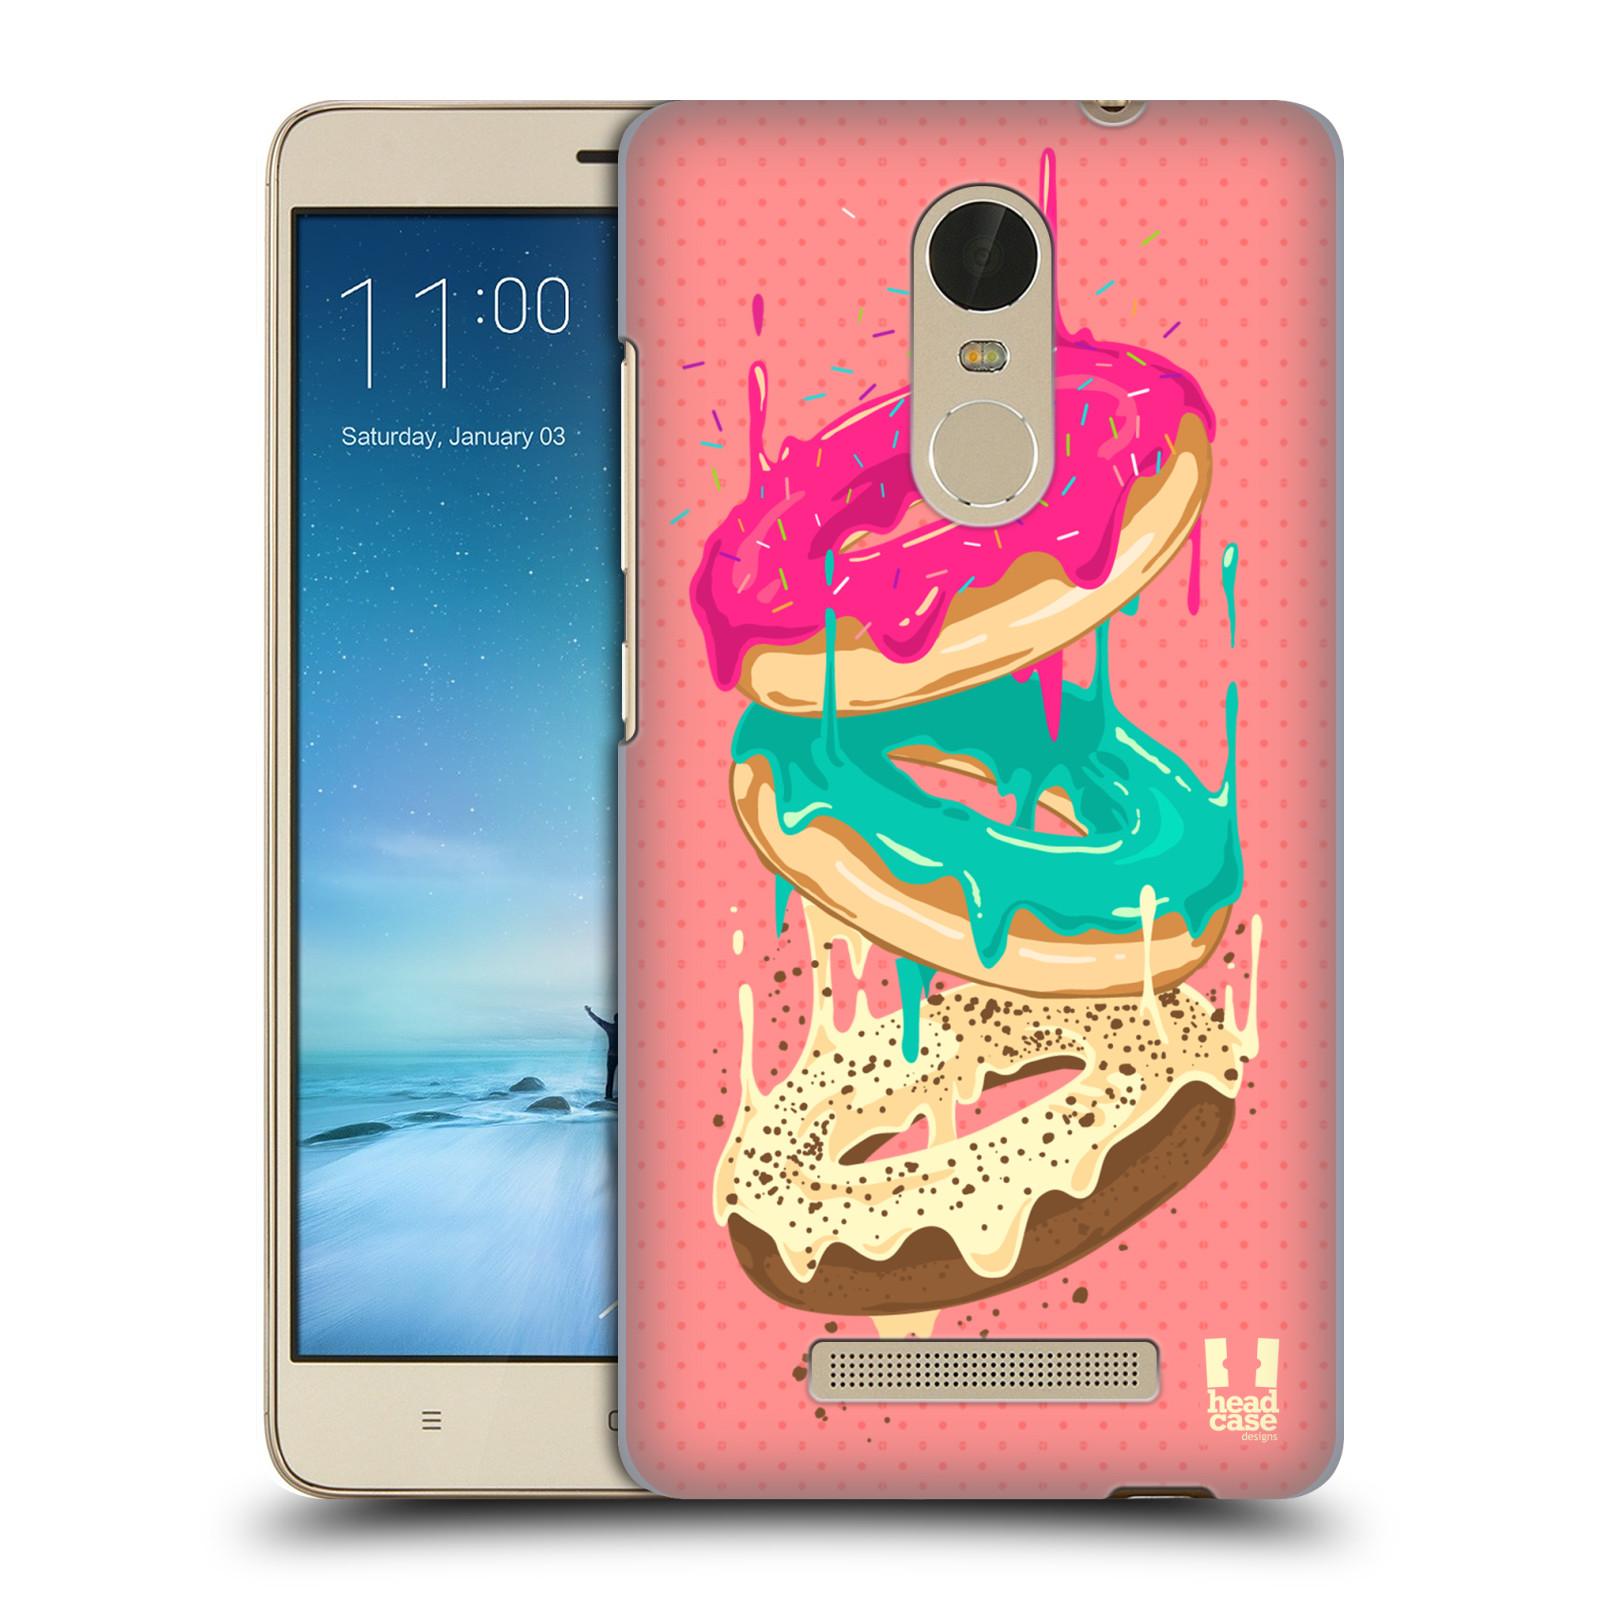 """Plastové pouzdro na mobil Xiaomi Redmi Note 3 HEAD CASE DONUTKY PADAJÍCÍ (Kryt či obal na mobilní telefon Xiaomi Redmi Note 3 s 5,5"""" displejem)"""